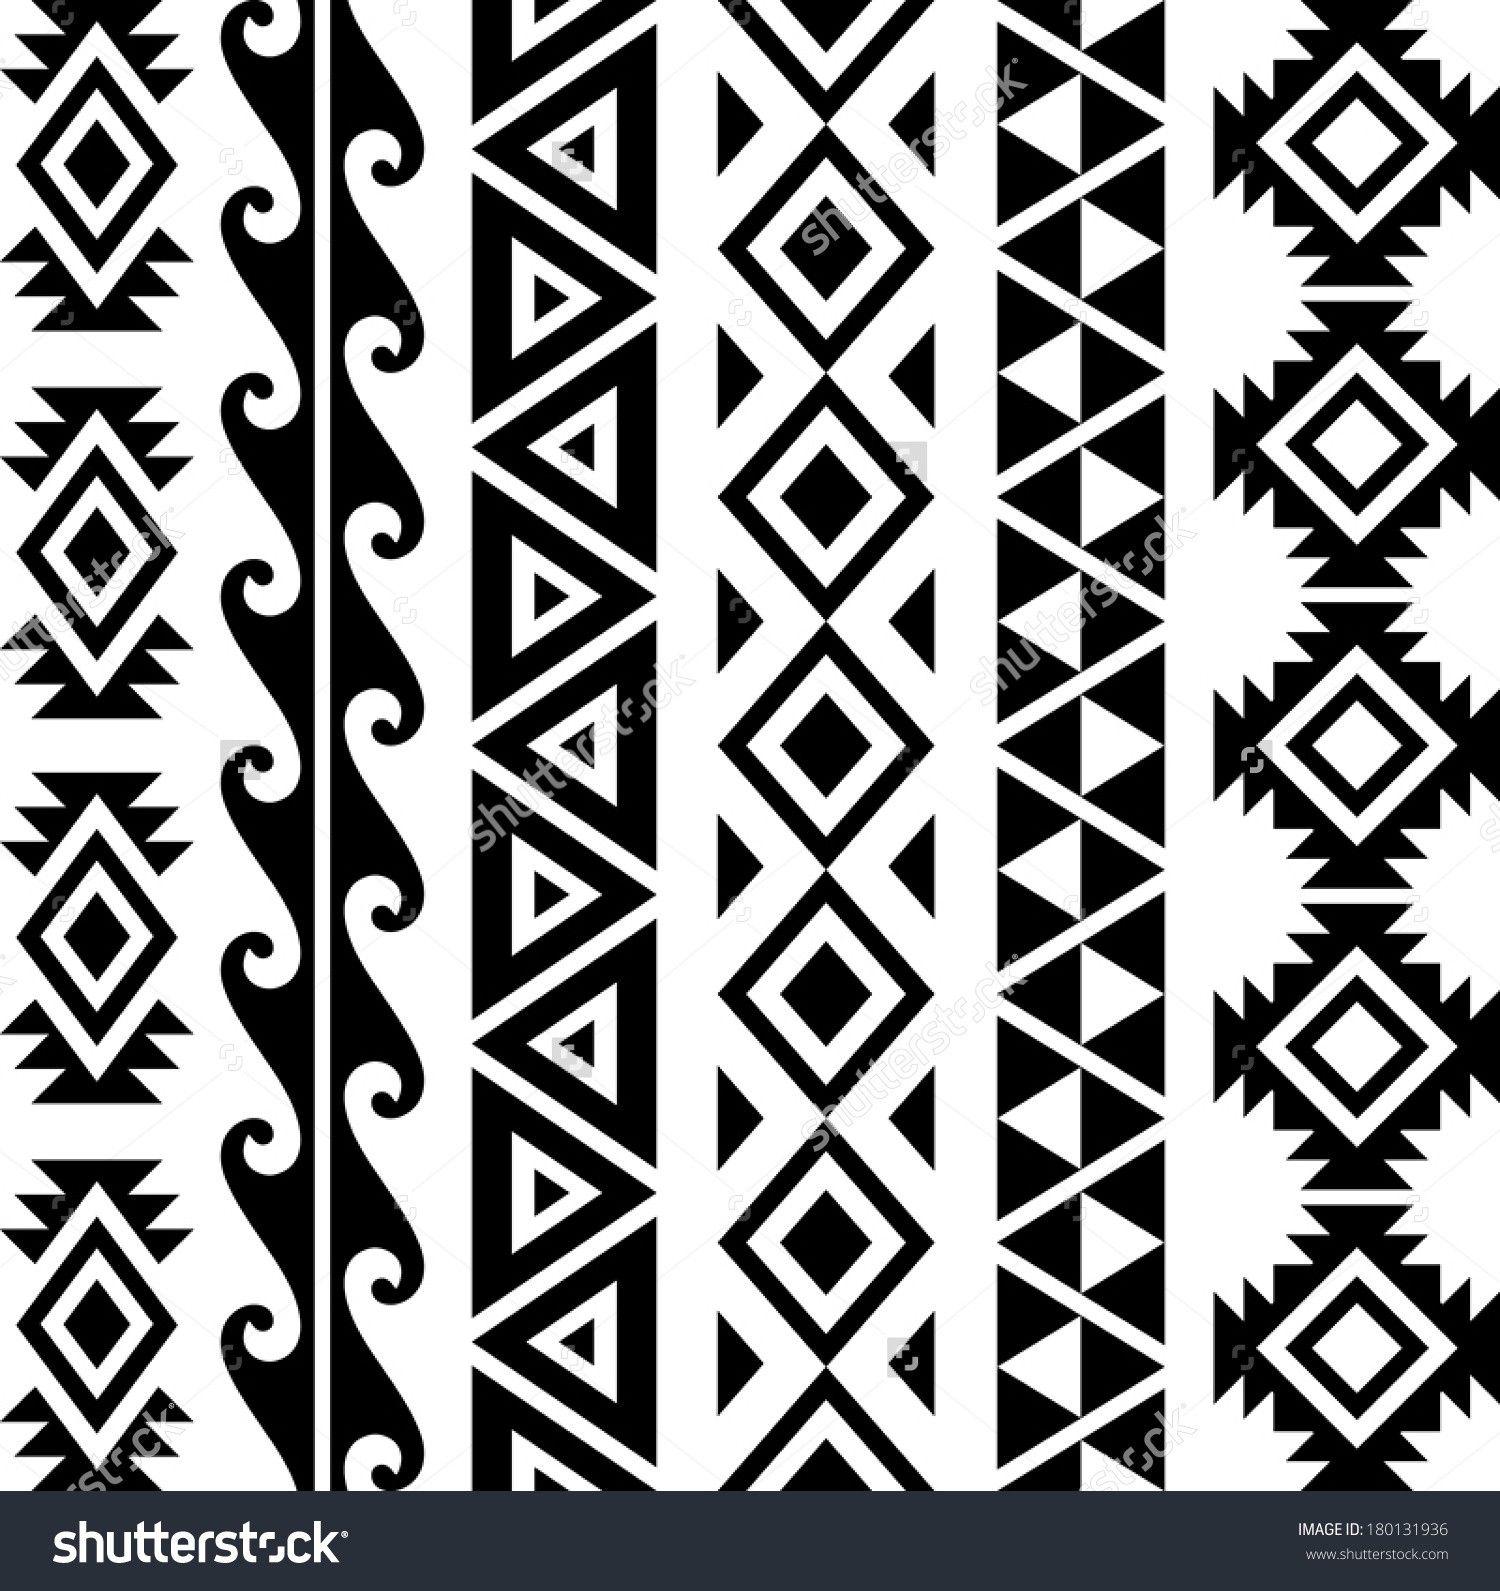 hawaiian triangle tribal patterns moana pinterest tattoos pattern and hawaiian tattoo. Black Bedroom Furniture Sets. Home Design Ideas